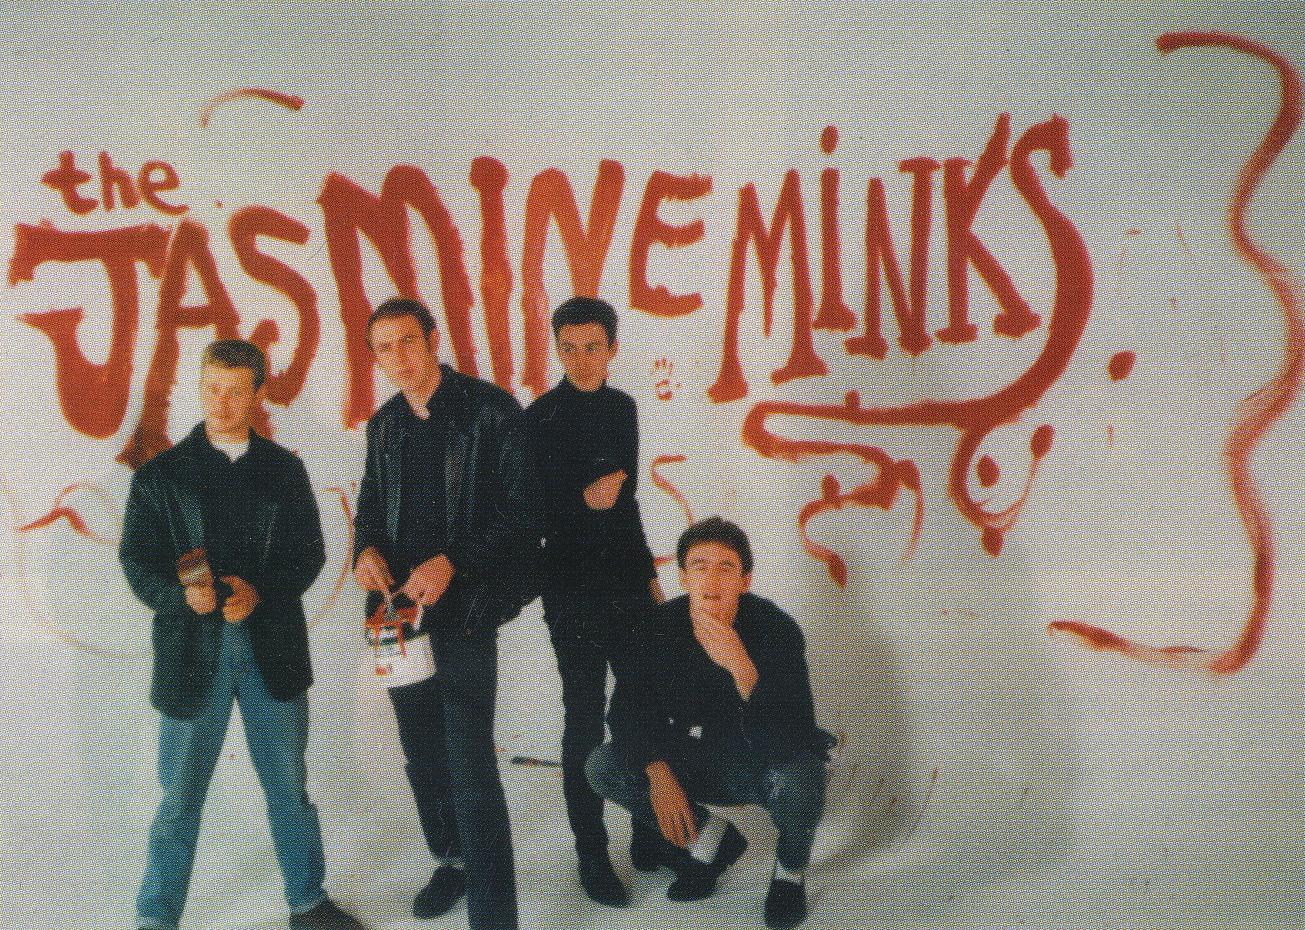 [Joia Oculta] Think!, Jasmine Minks (1984)